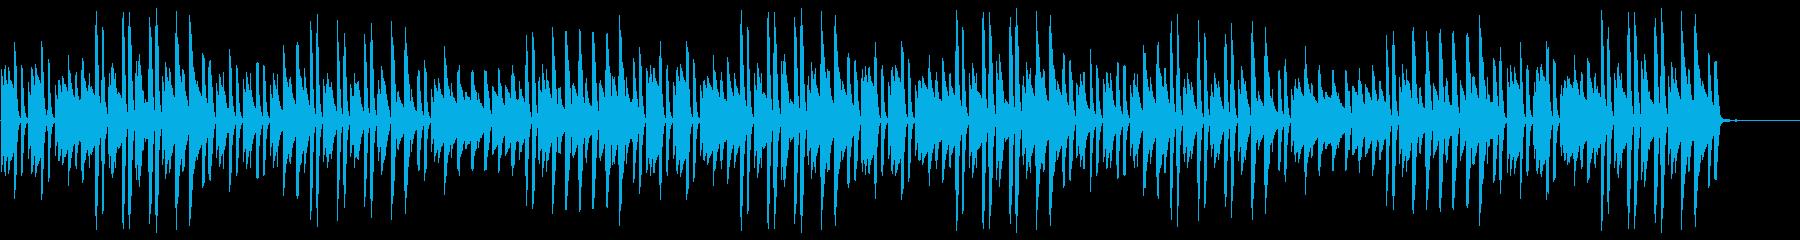 猫踏んじゃった【ピアノ】(ミドルテンポ)の再生済みの波形